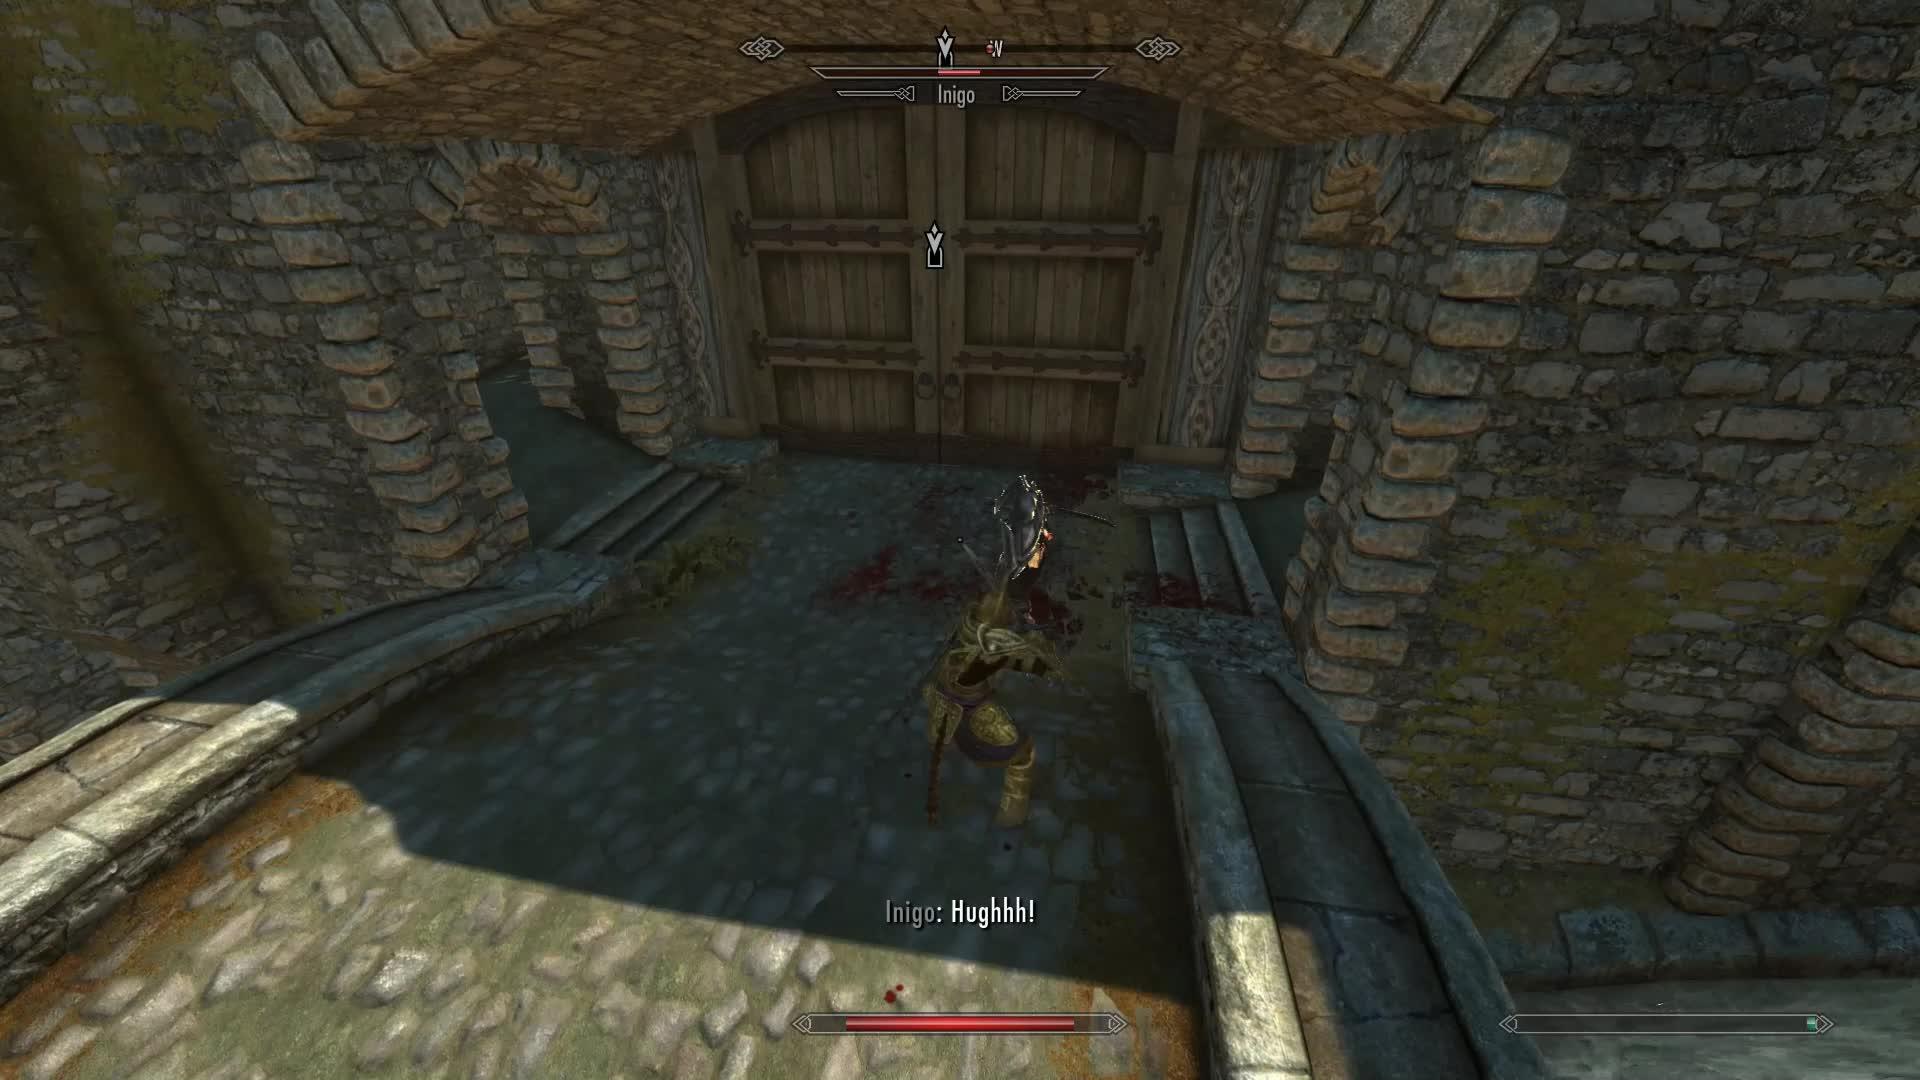 skyrim, The Elder Scrolls V Skyrim Special Edition 2019.07.07 - 01.03.22.17.DVR Trim GIFs